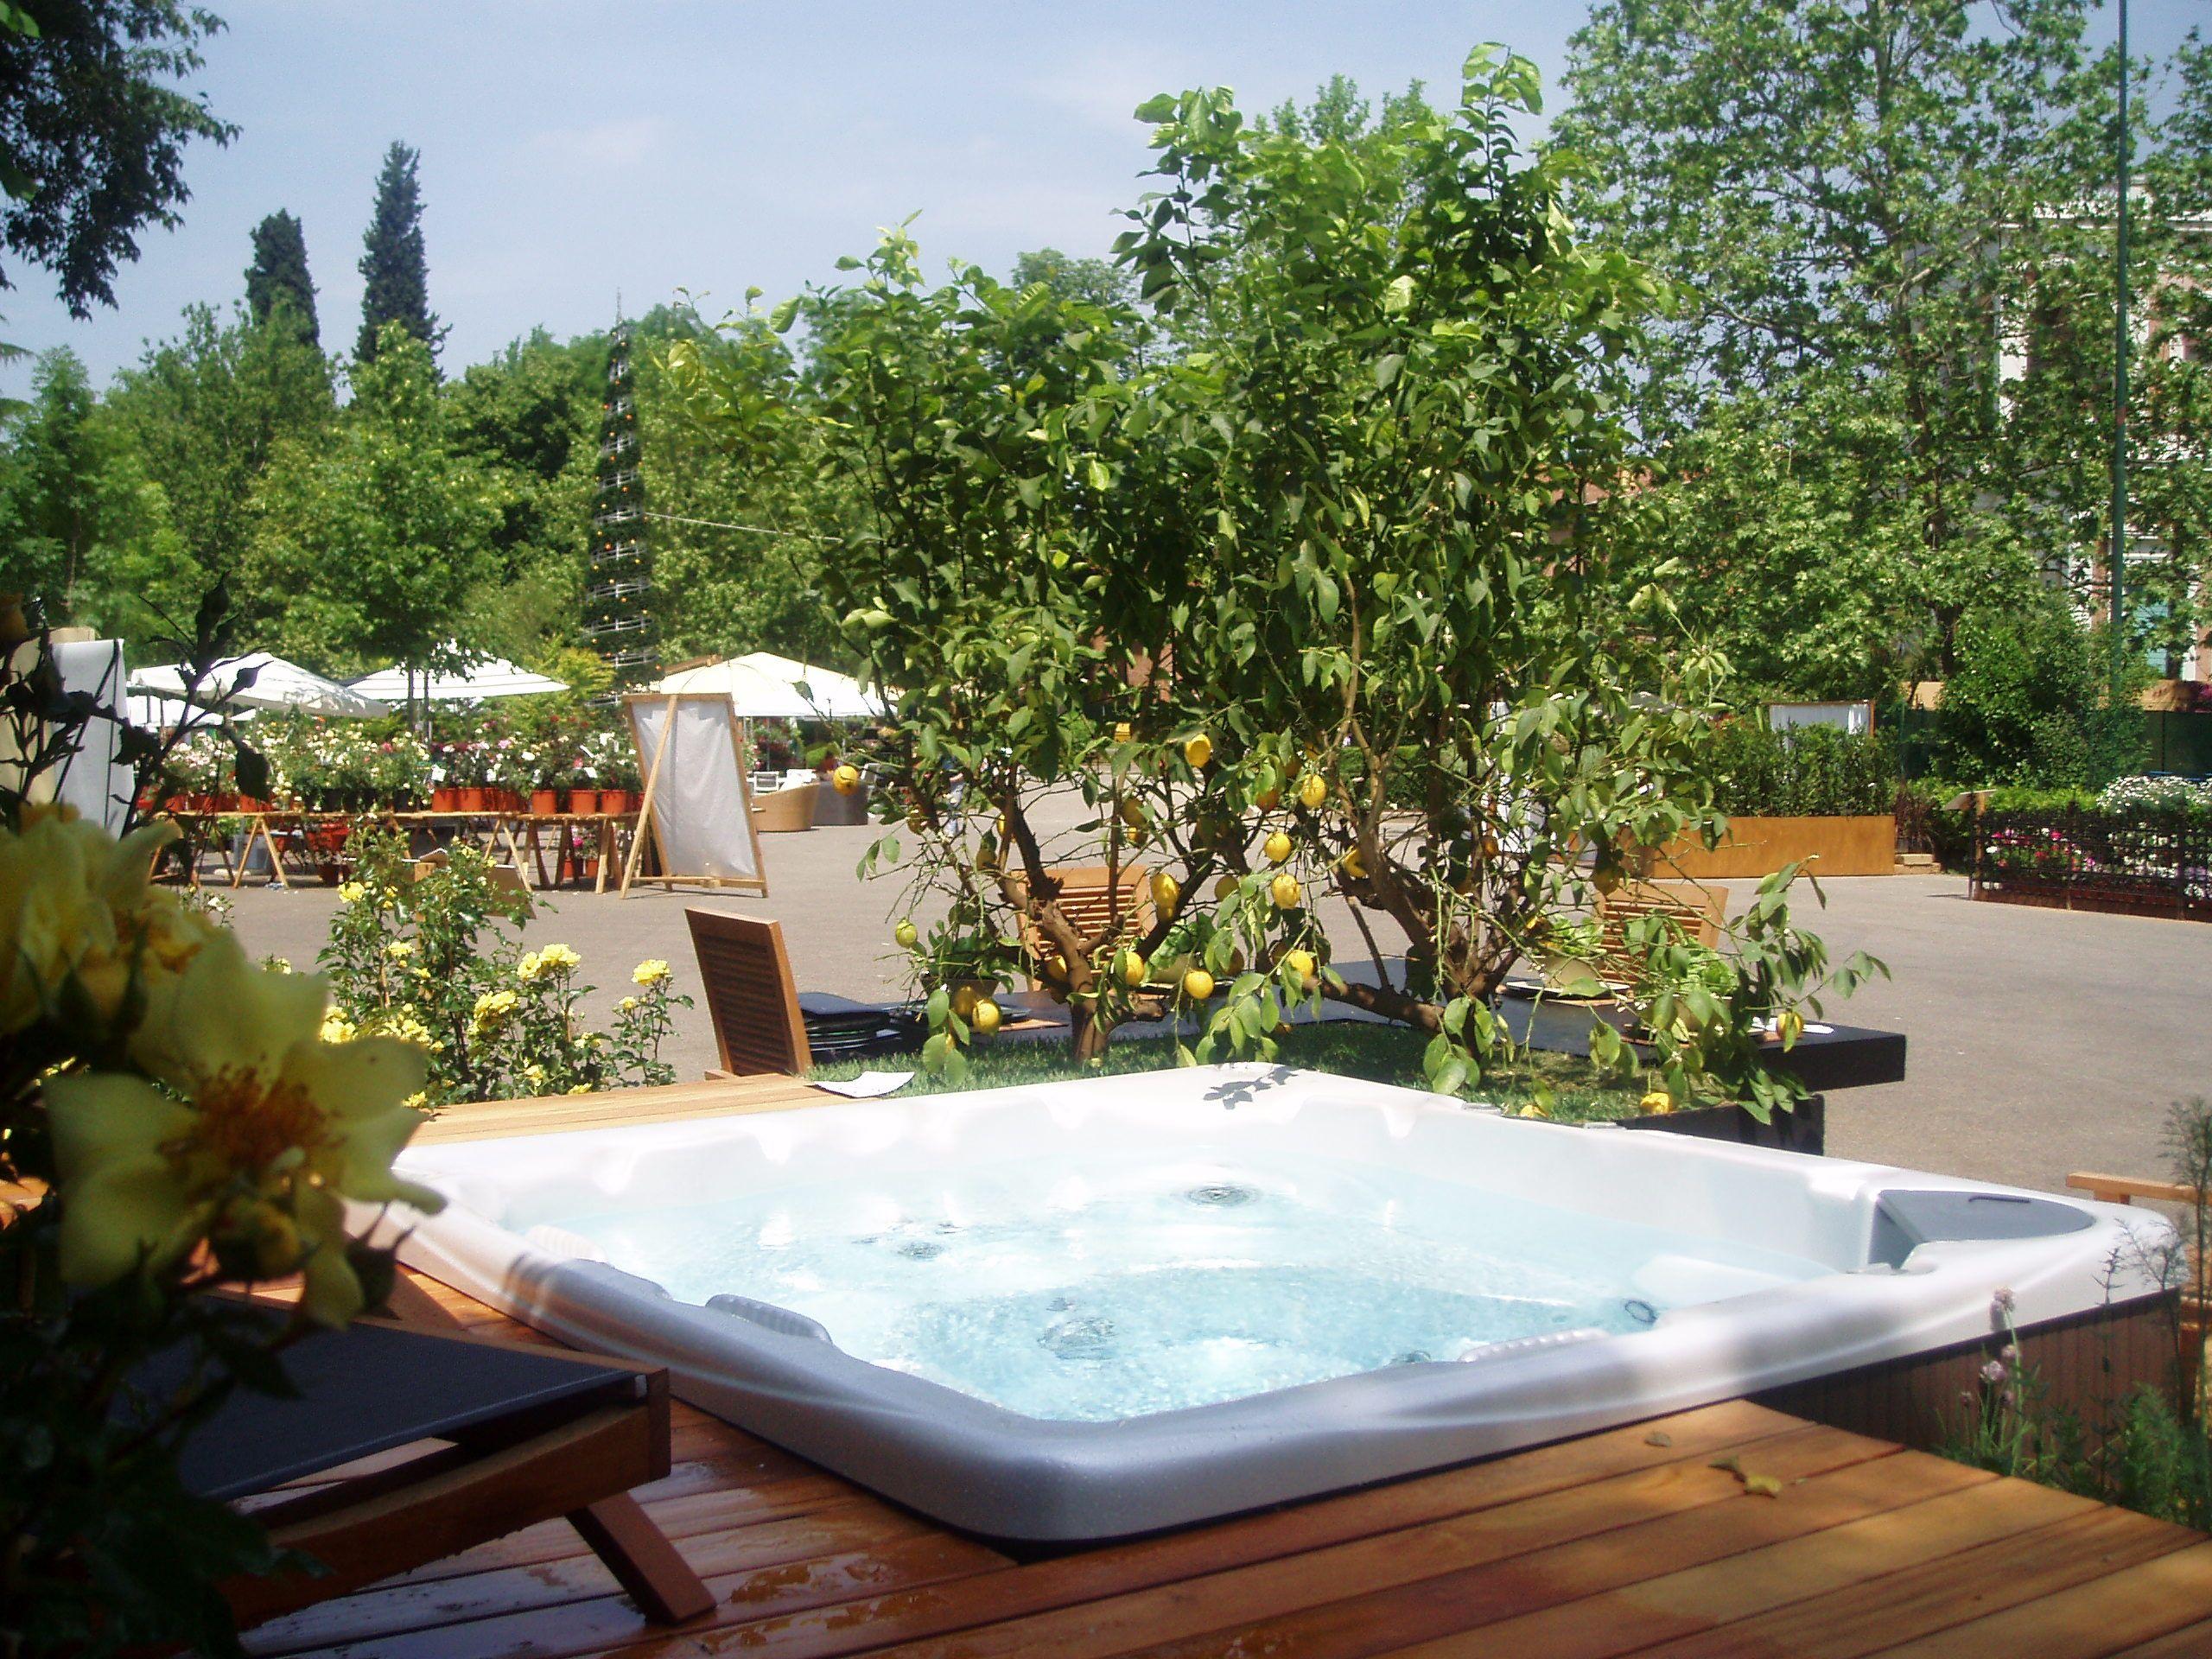 A Beachcomber Hot Tub Garden Oasis Decked Out Hot Tub Garden